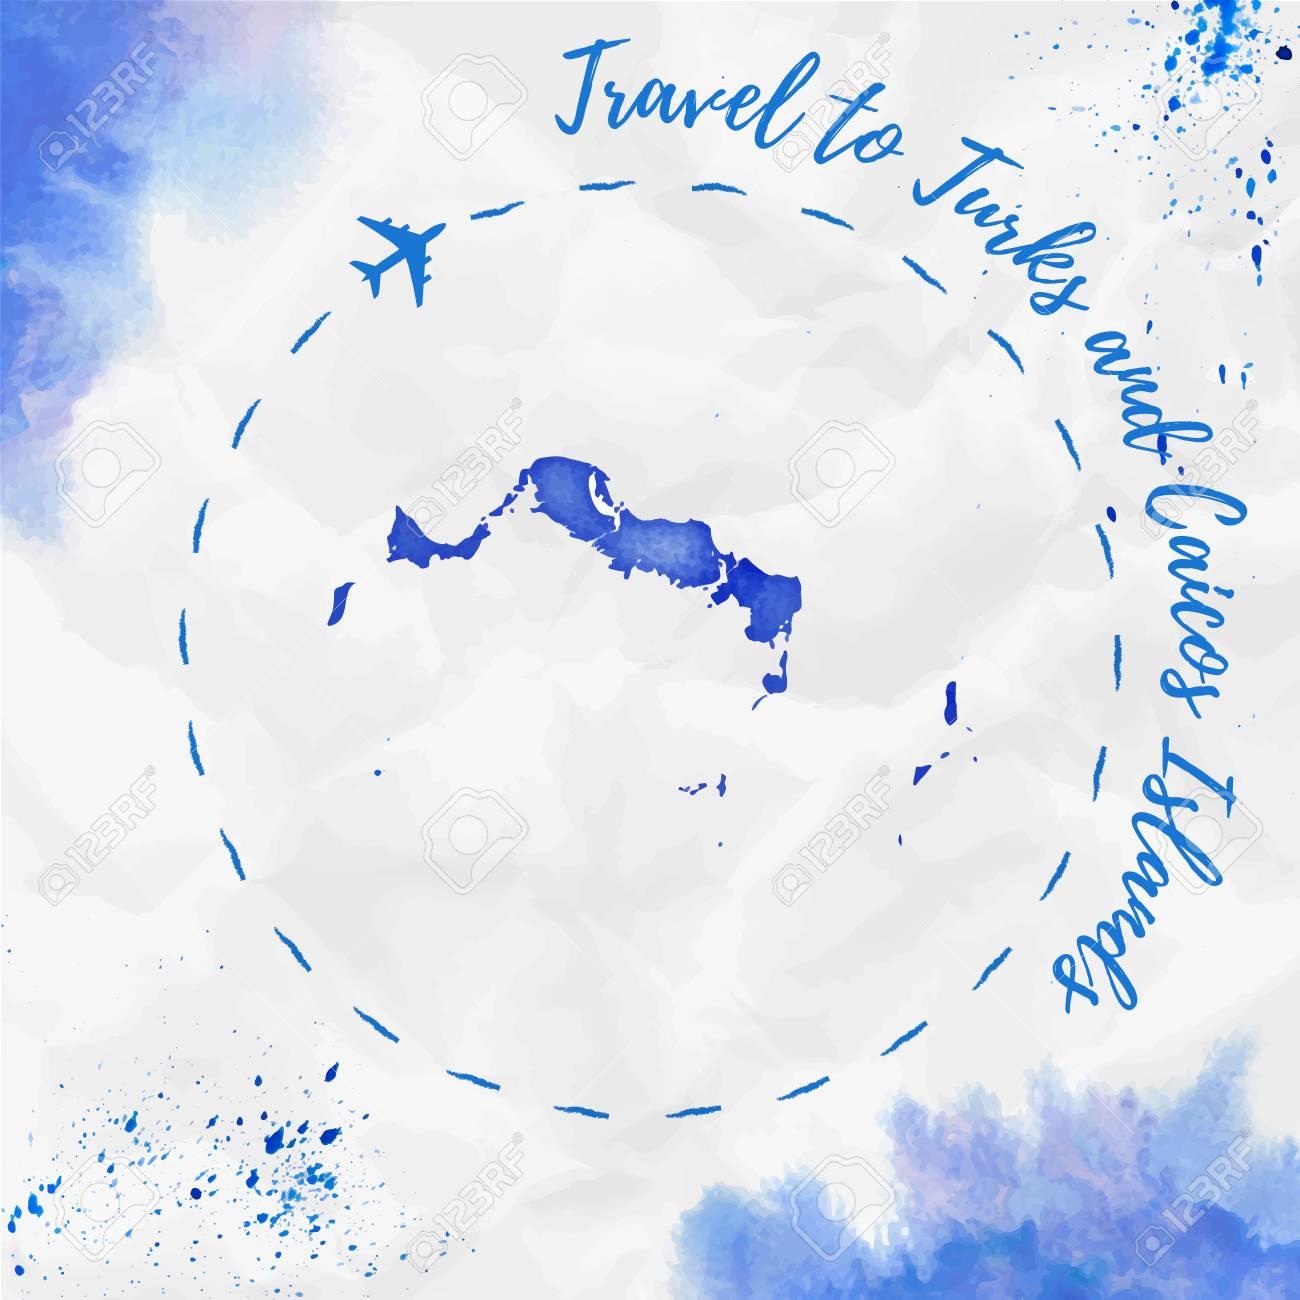 Islas Turcas Y Caicos Isla De Mapa De Acuarela En Colores Azules